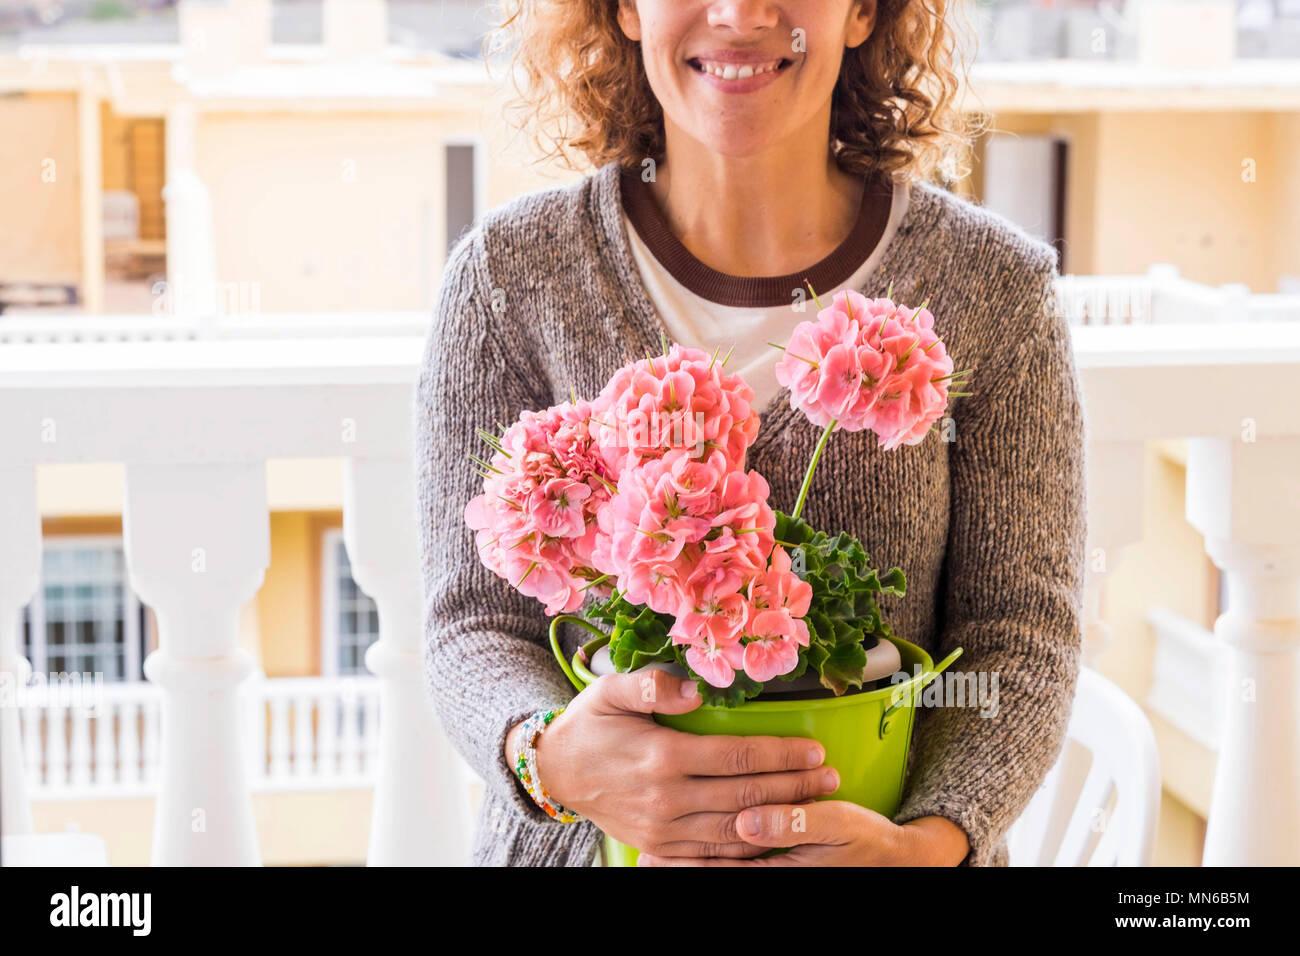 Schönen mittleren Alter kaukasische Frau lächeln und ihr Blumen zu schützen, um sie mit einer Umarmung. Terrasse zu Hause Szene mit Farben der autolöscher Stockbild